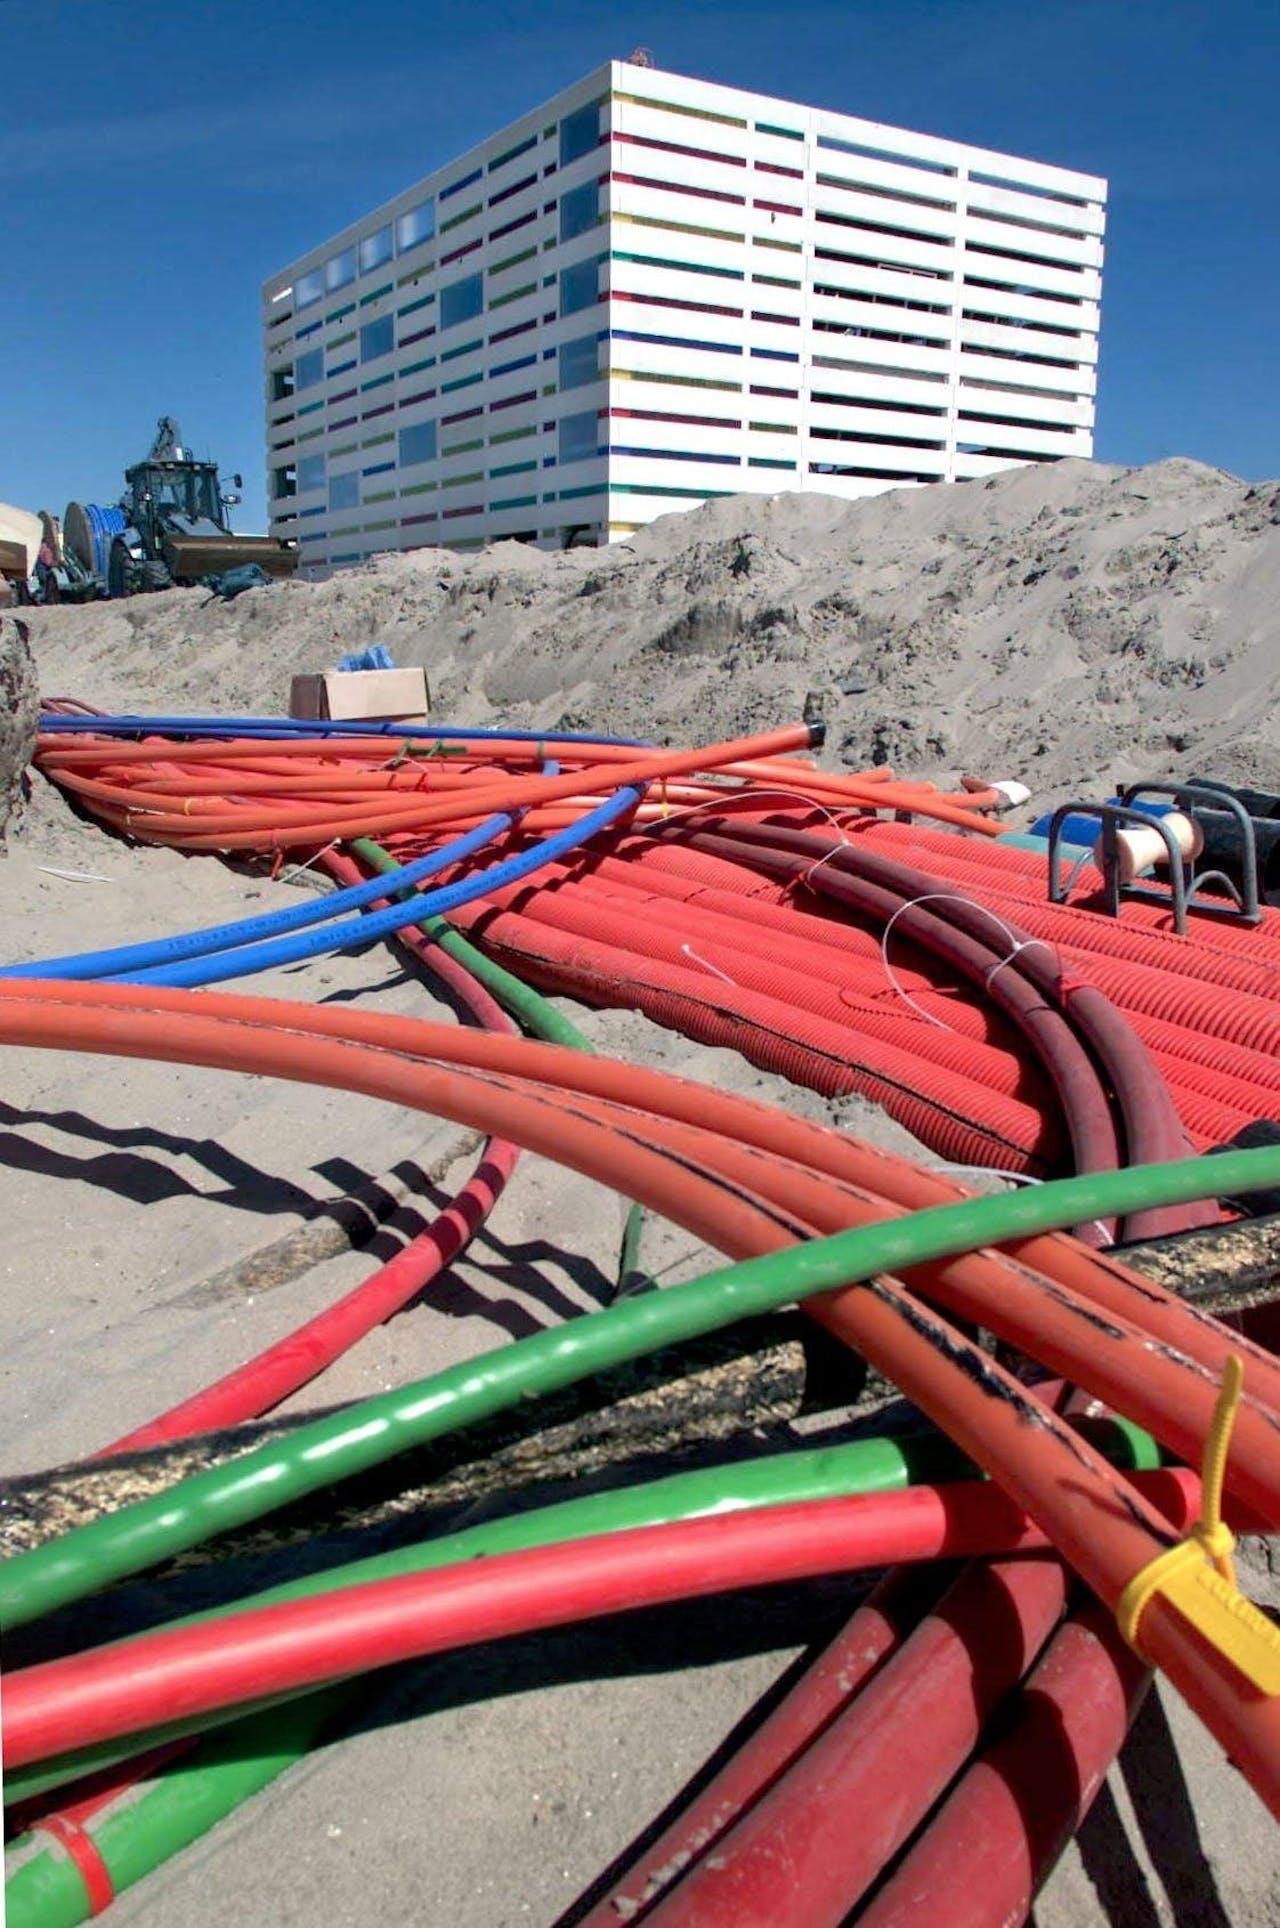 2001-05-23 08:28:20 NLD-200010523-AMSTERDAM: Glasvezel kabels voor de nieuwe KPN-telefooncentrale op het eiland IJburg. ANPFOTO -ROBIN UTRECHT